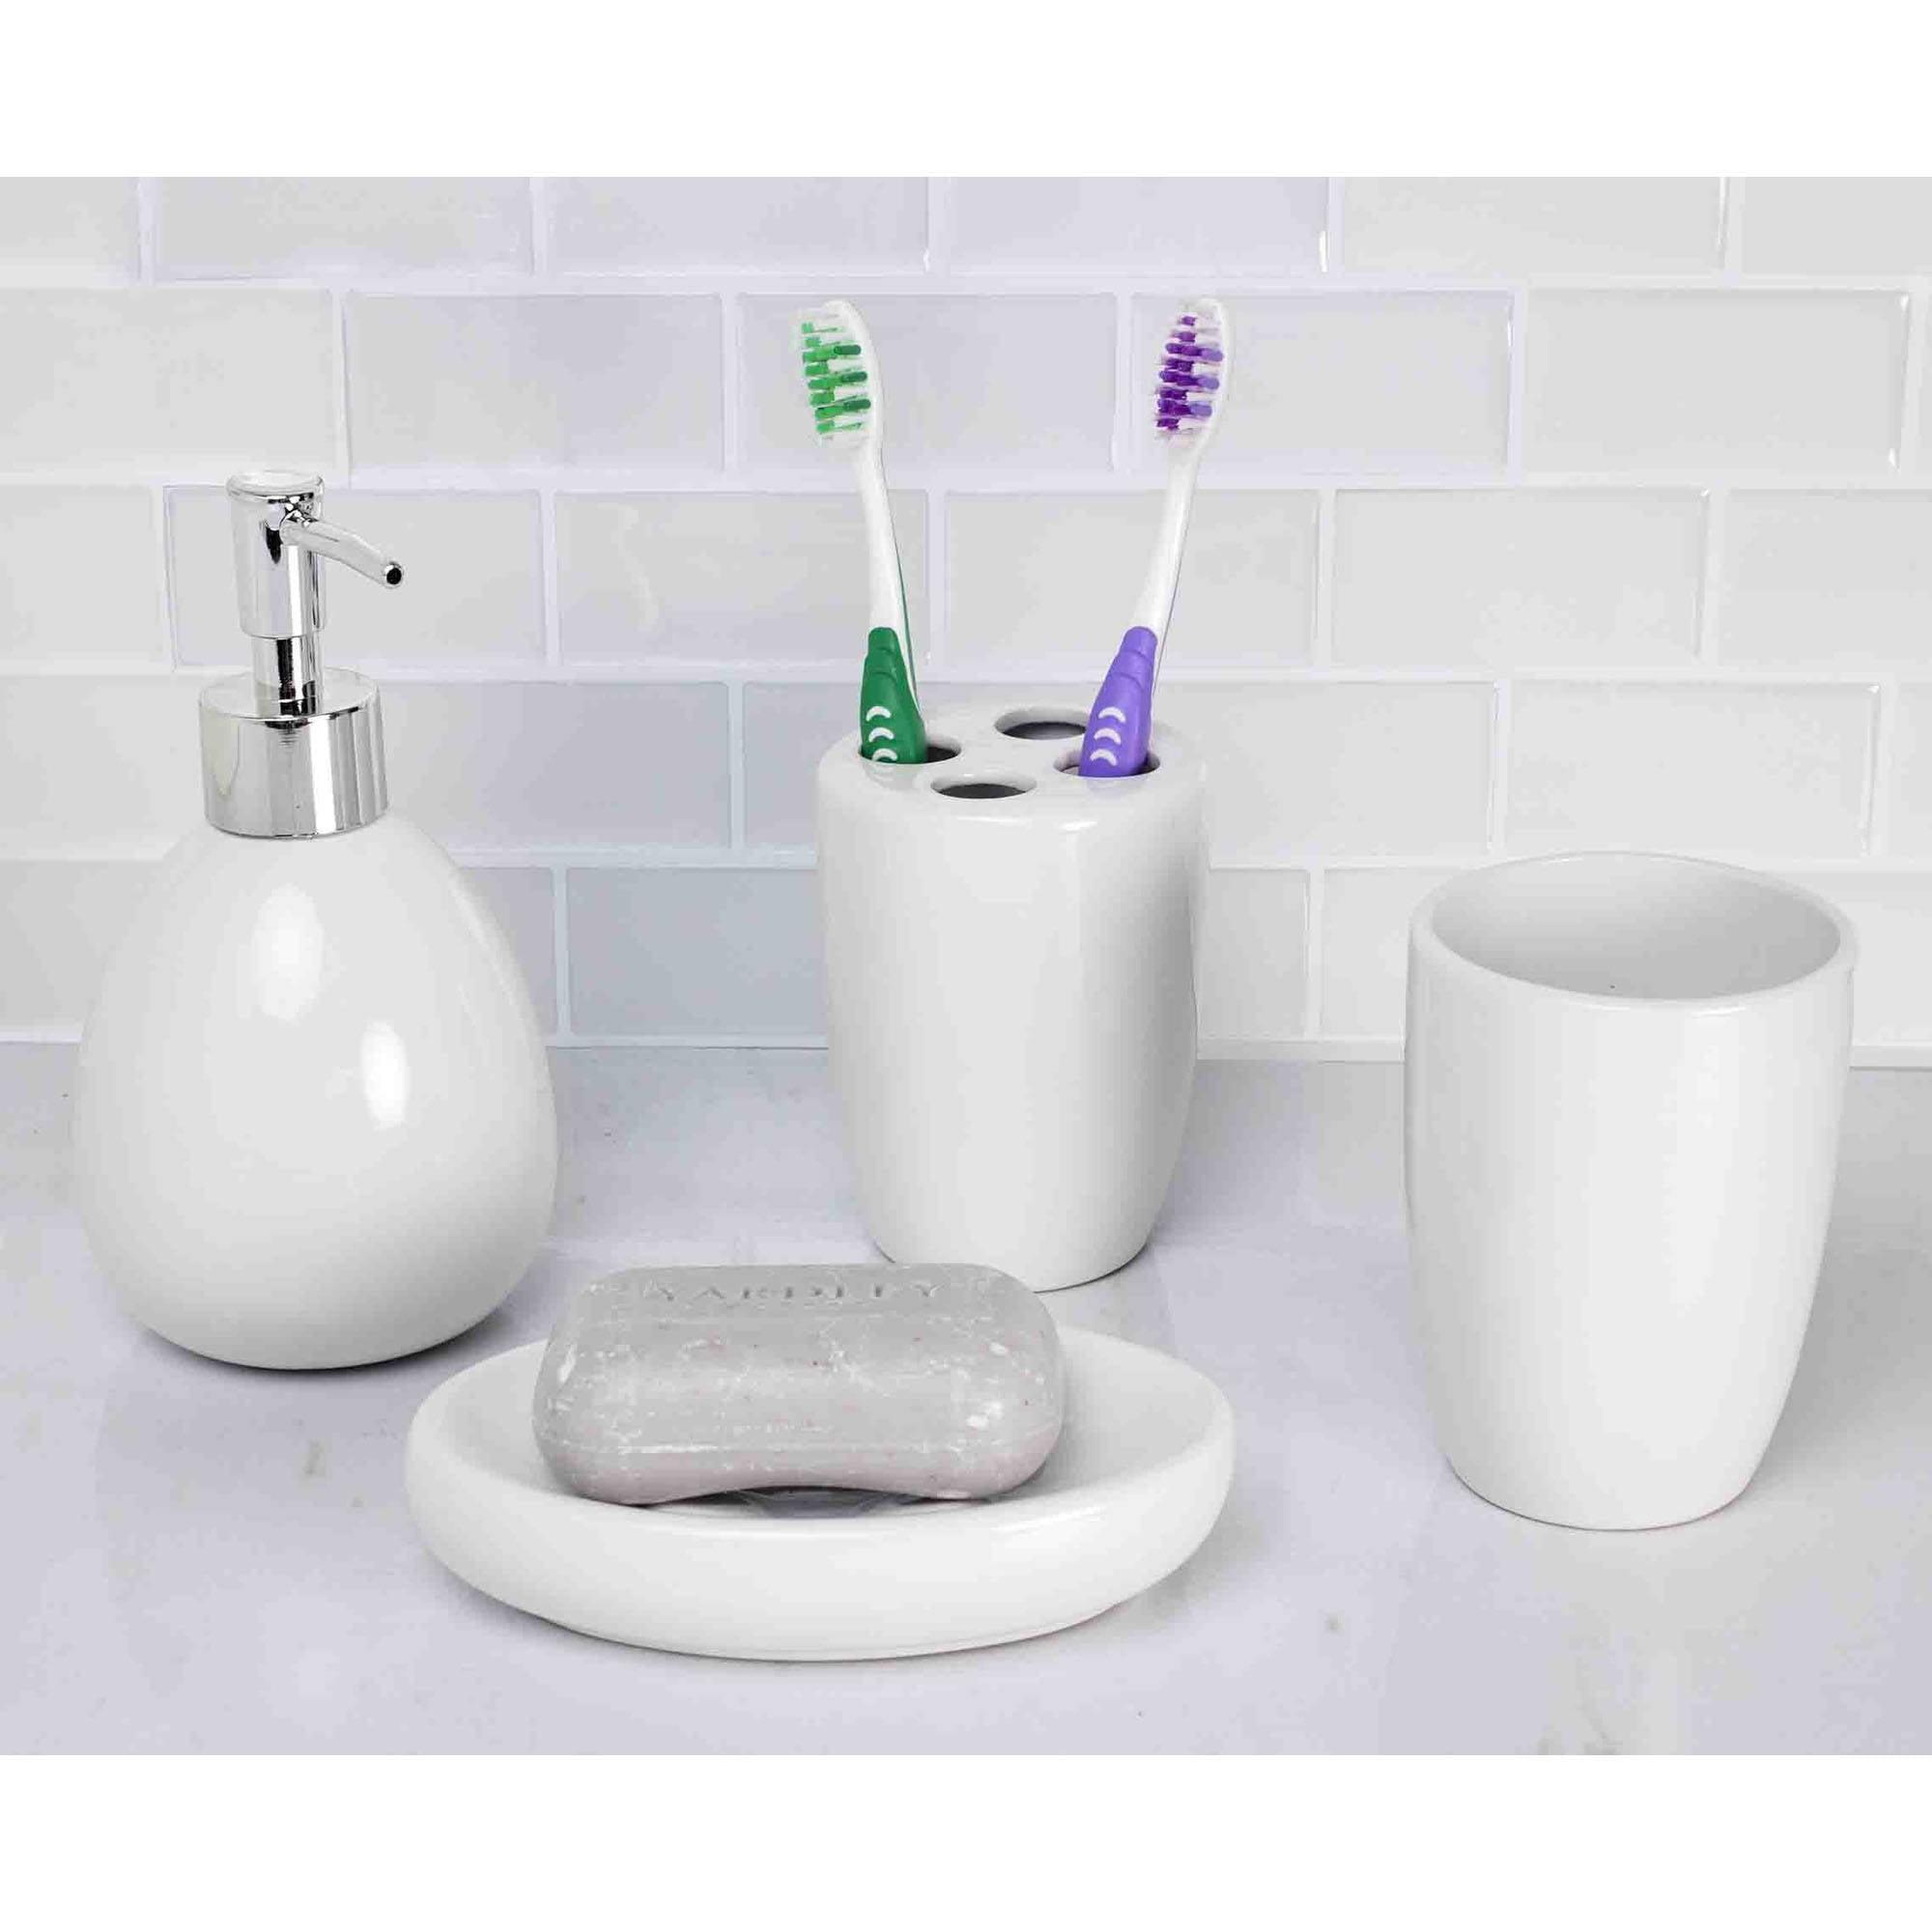 Home Basics 4-Piece White Bathroom Accessory Set